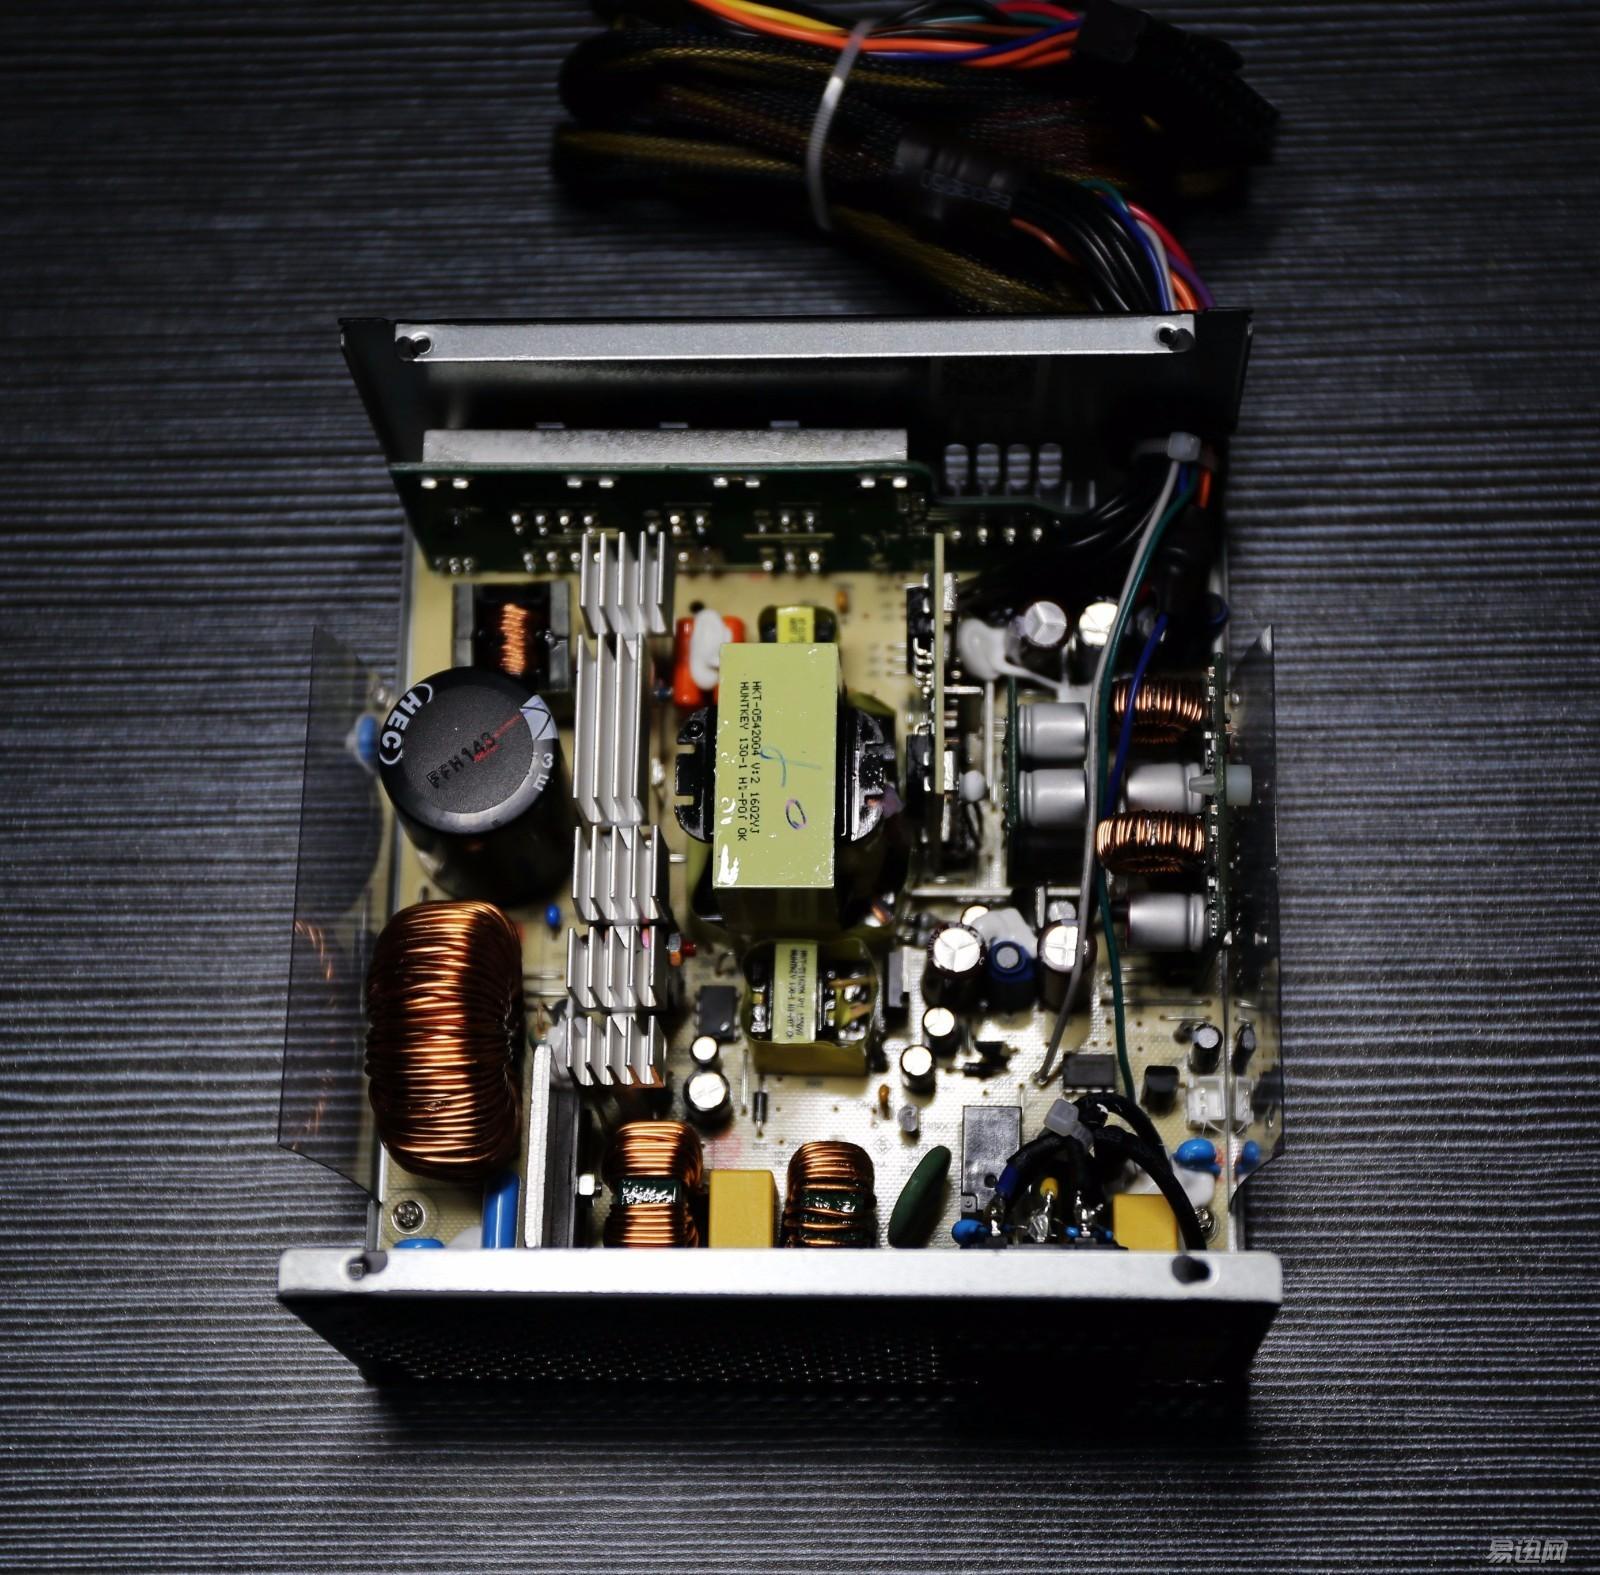 坚韧稳定——航嘉mvpland k650电源测评